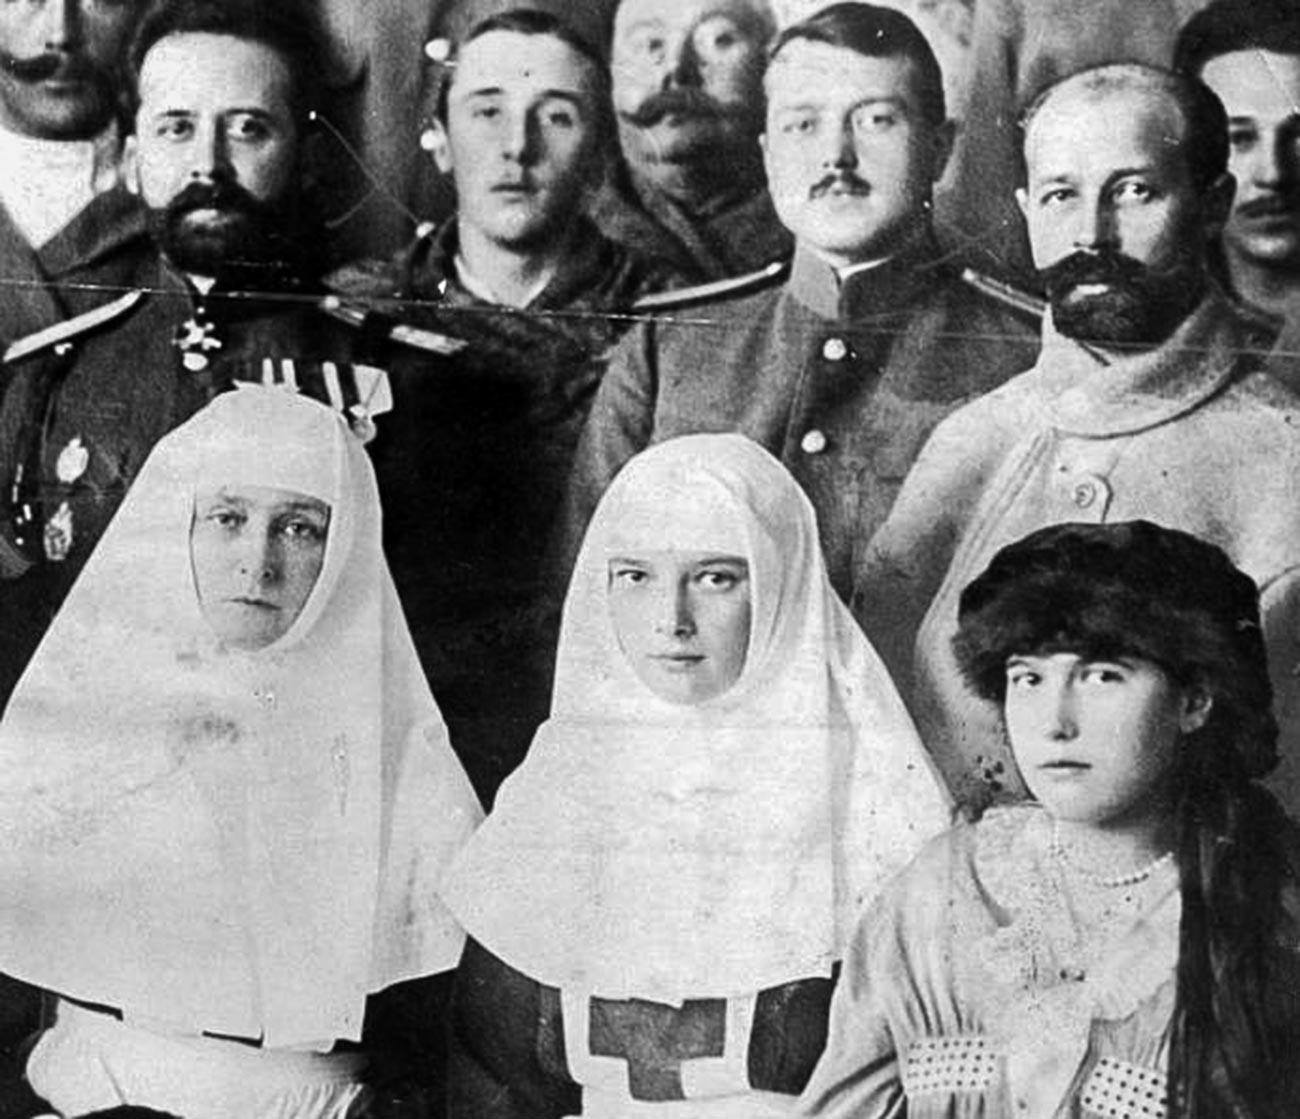 L'imperatrice Aleksandra Fyodorovna con le figlie Tatiana e Anastasia durante la Seconda guerra mondiale